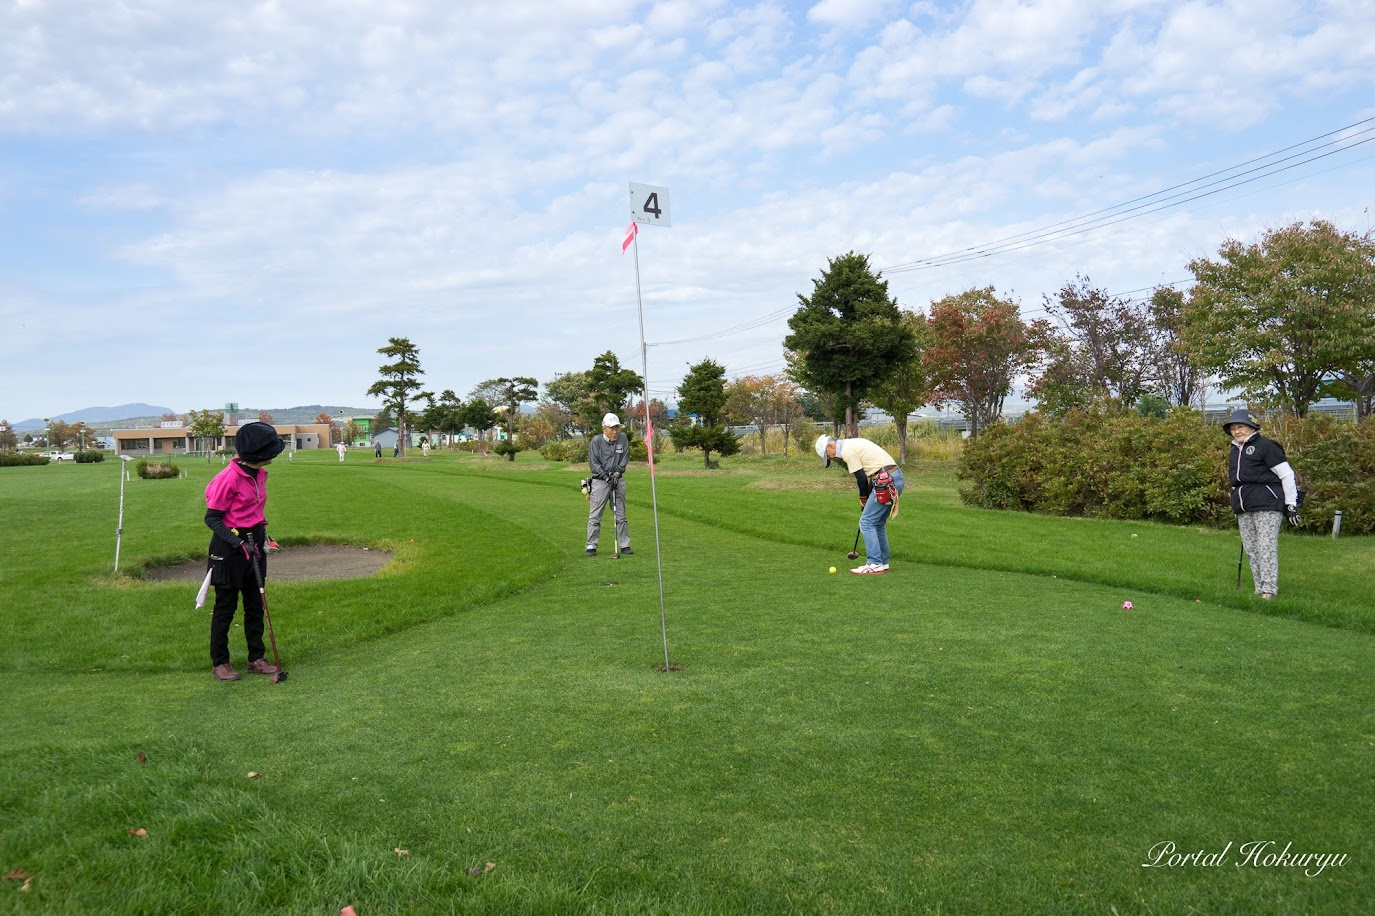 風が気持ちいいパークゴルフ日和